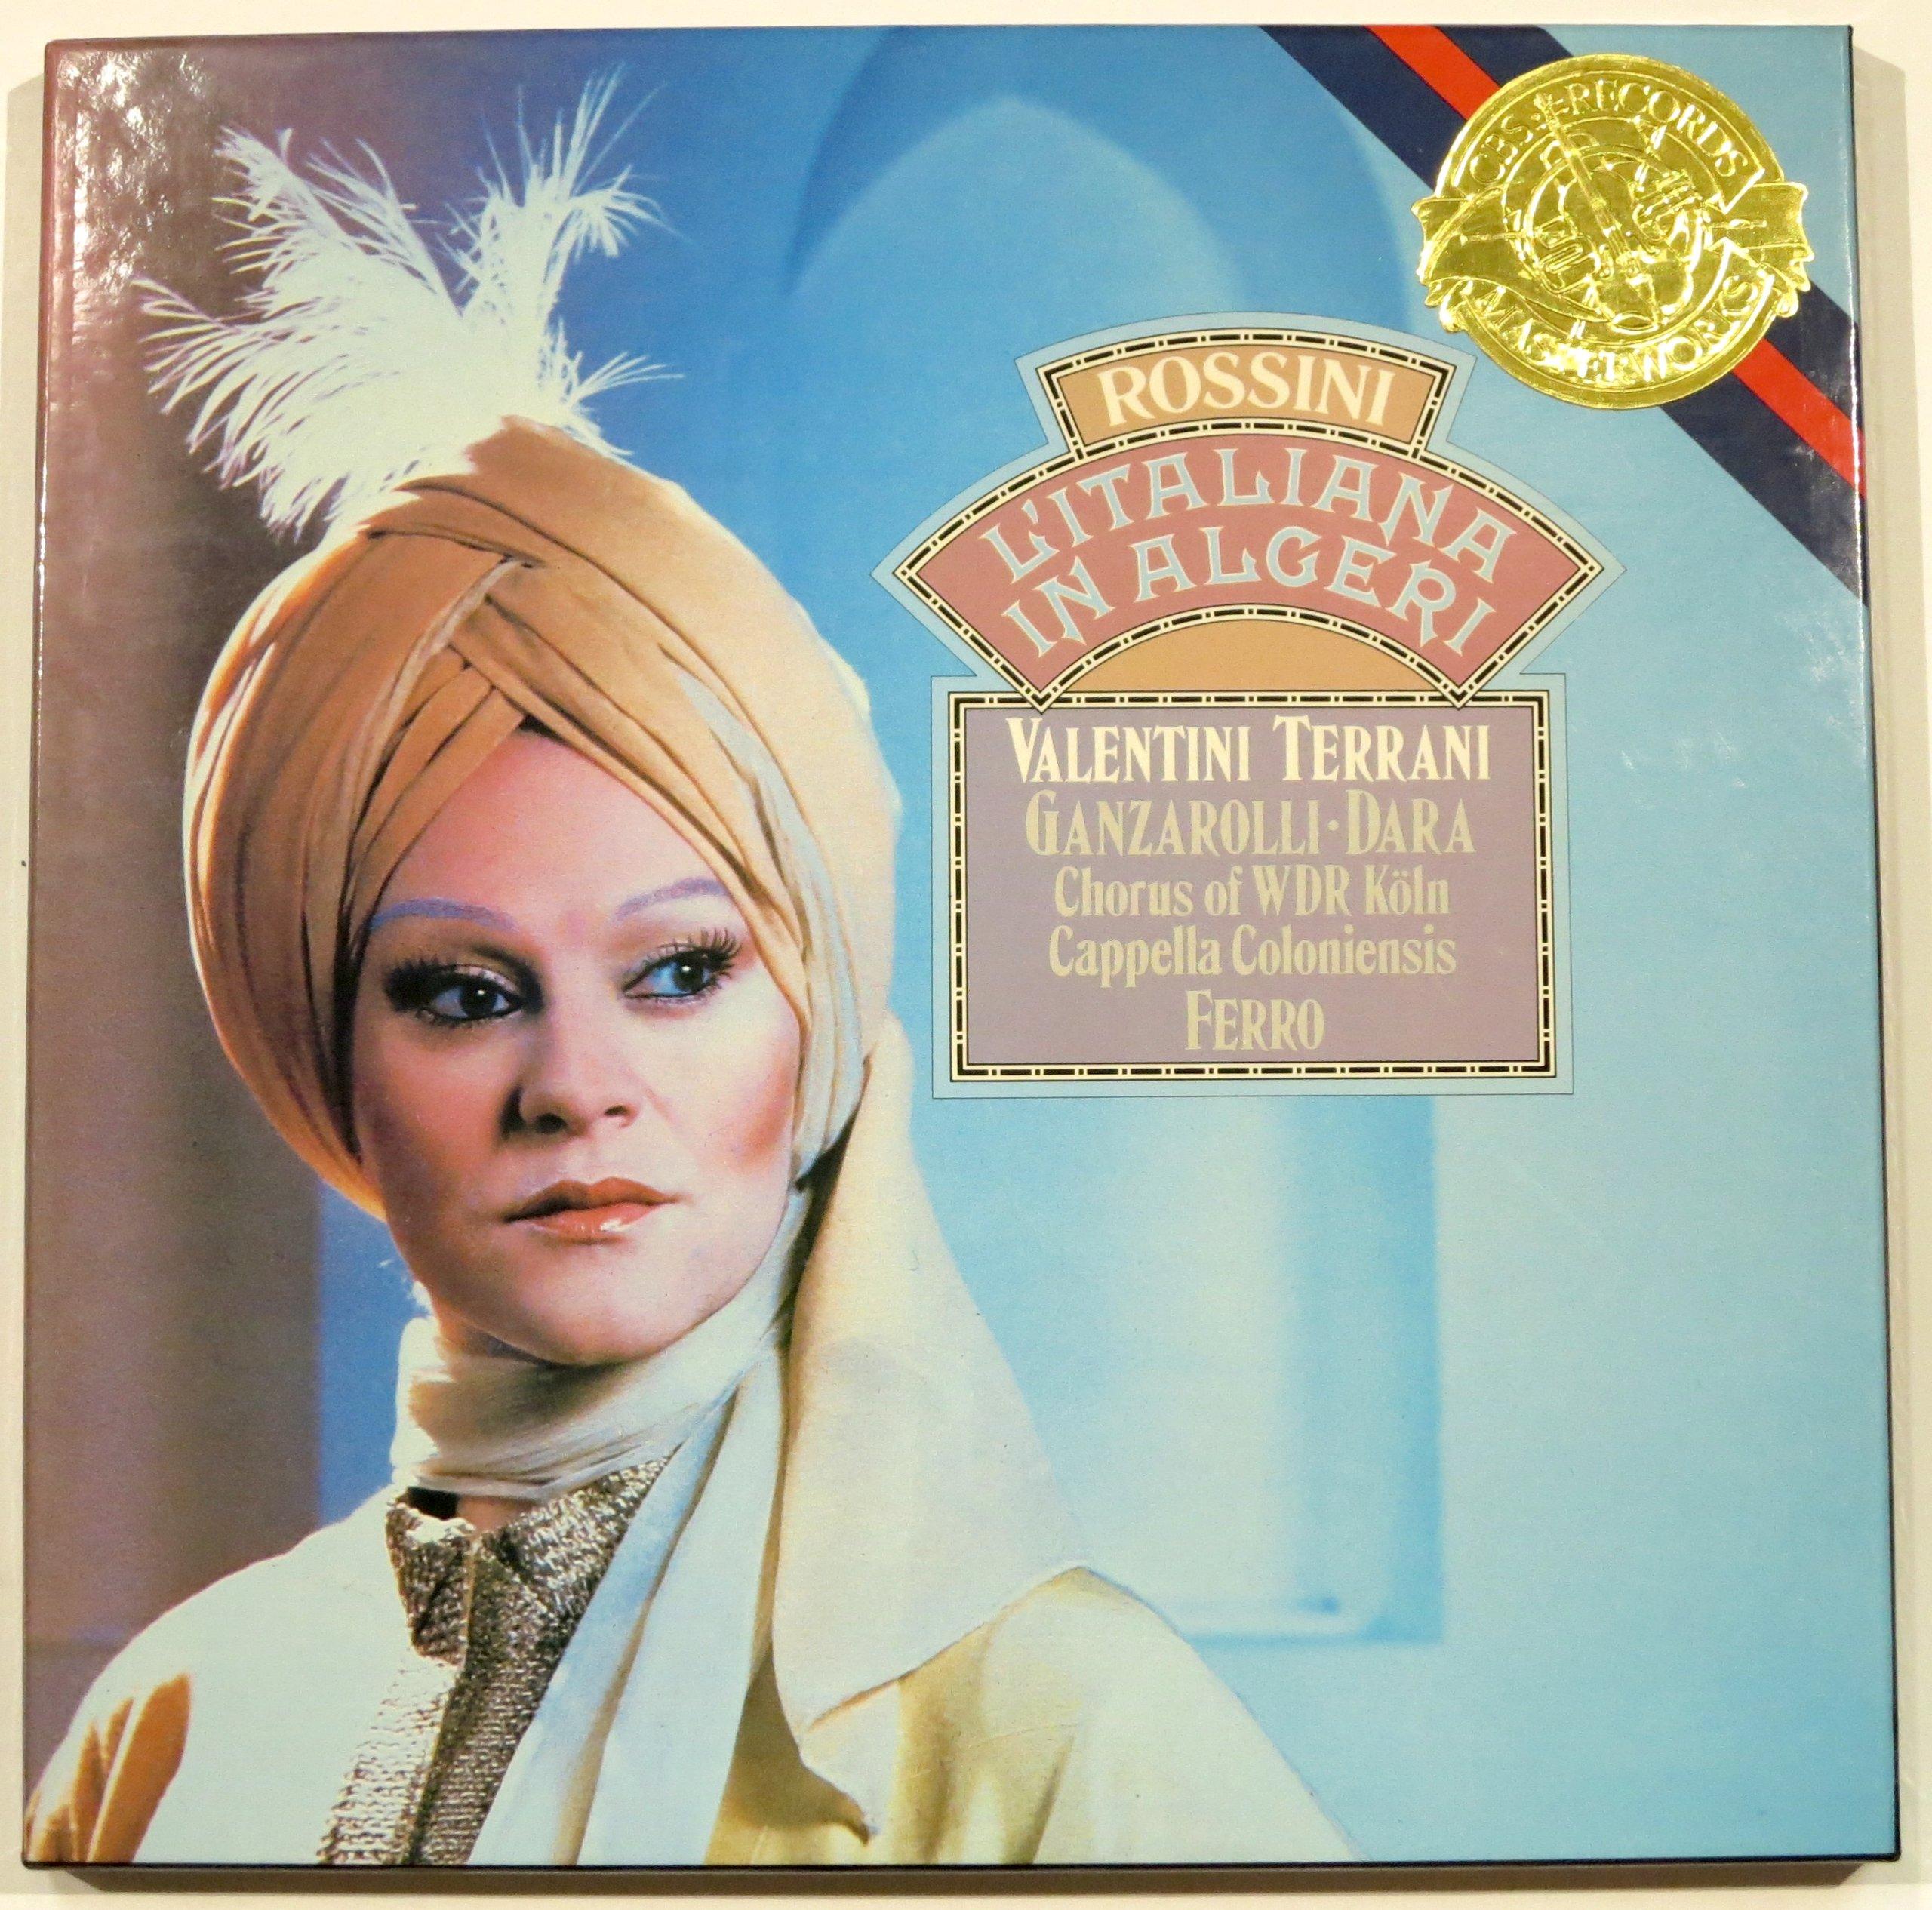 Rossini: L'Italiana In Algeri (The Italian Girl in Algeria) / Capella Coloniensis on Original Instruments, Gabriele Ferro